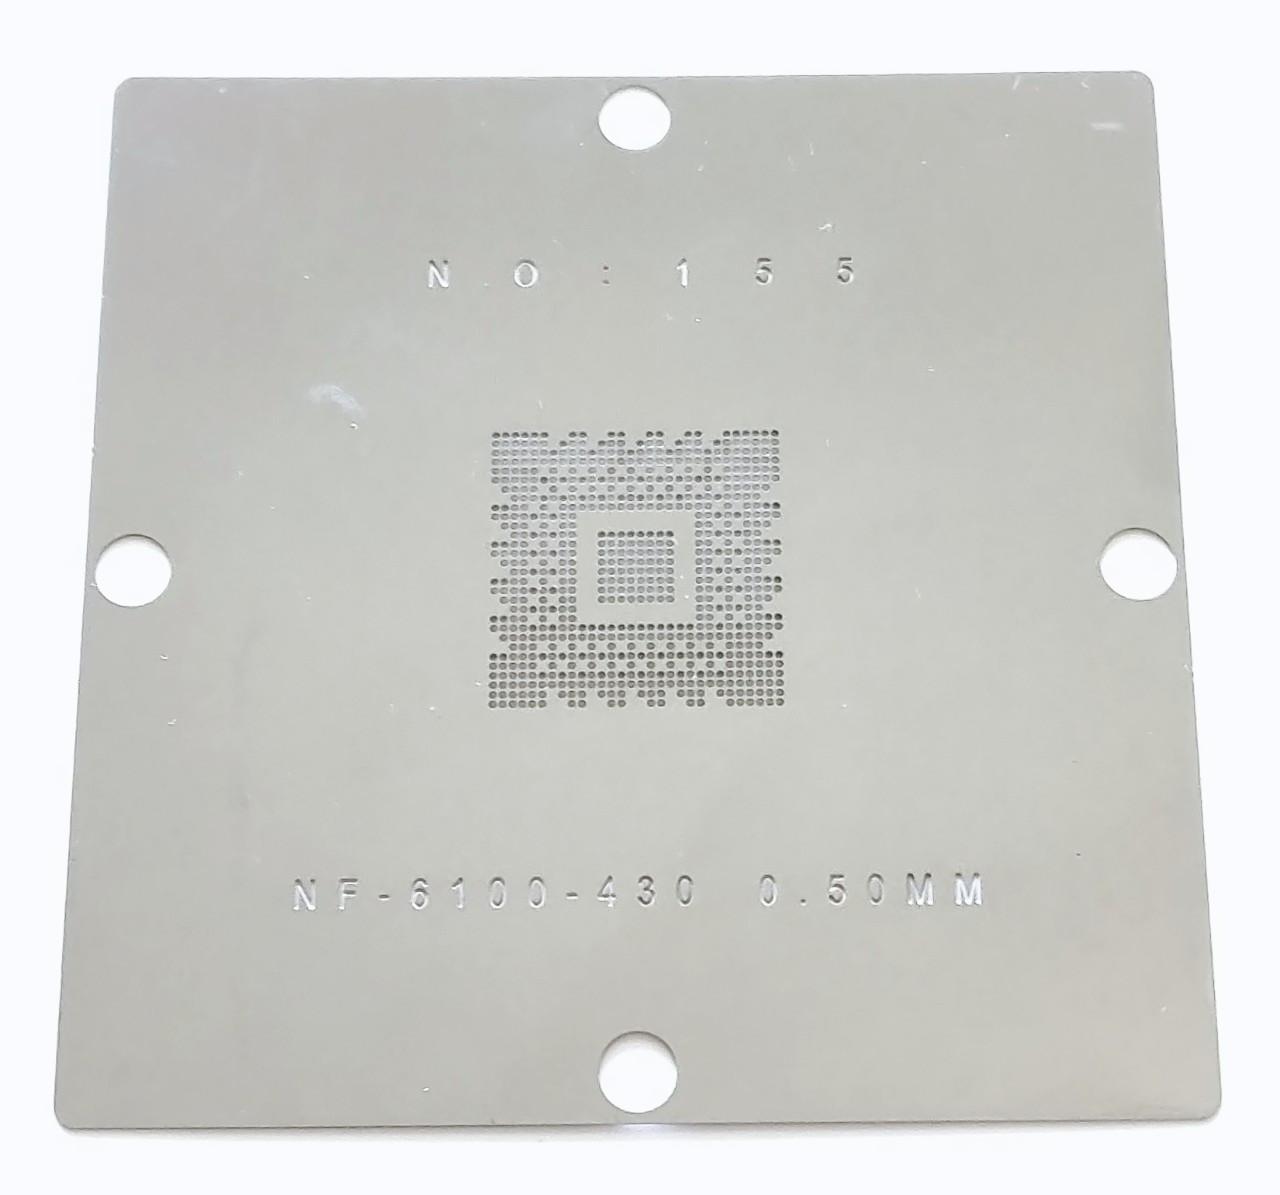 Трафарет BGA NF-6100-430-N-A3, NF-6100-405-N-A2, NF-6100-430-N-A2. Шар 0,5 мм